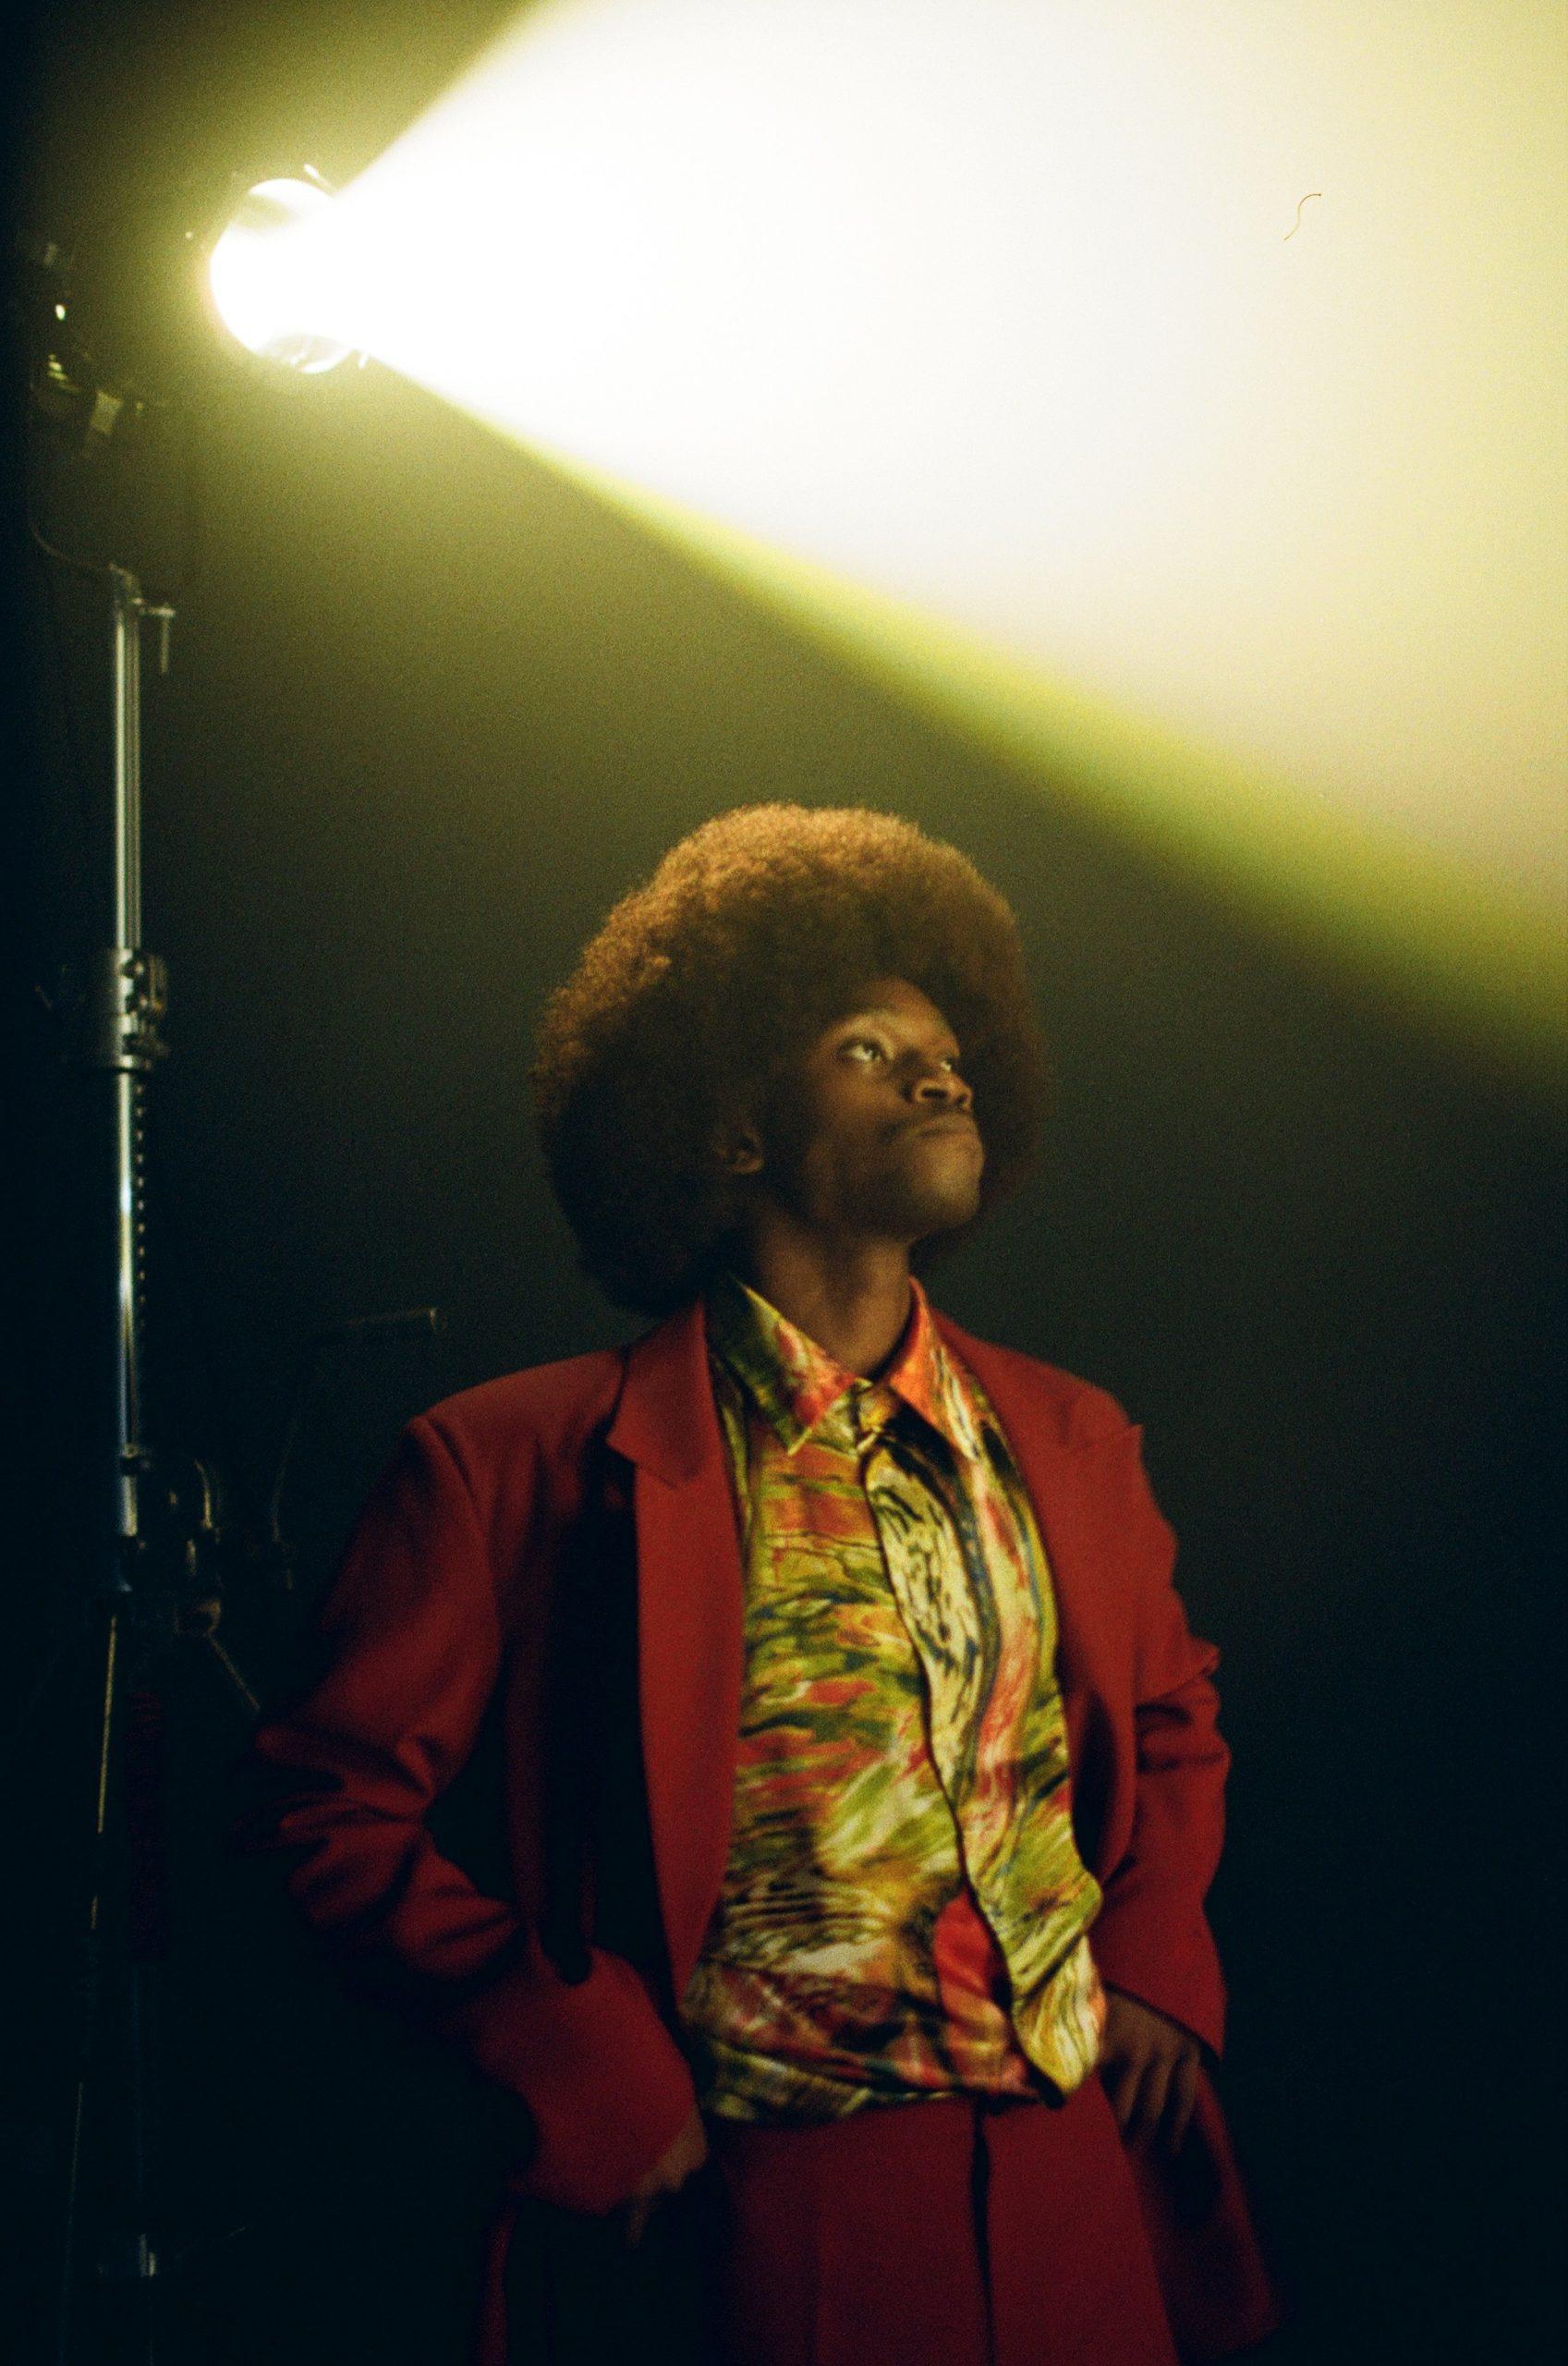 Стиль 80-х и футуризм в новом клипе TVORCHI «Віч-на-Віч»